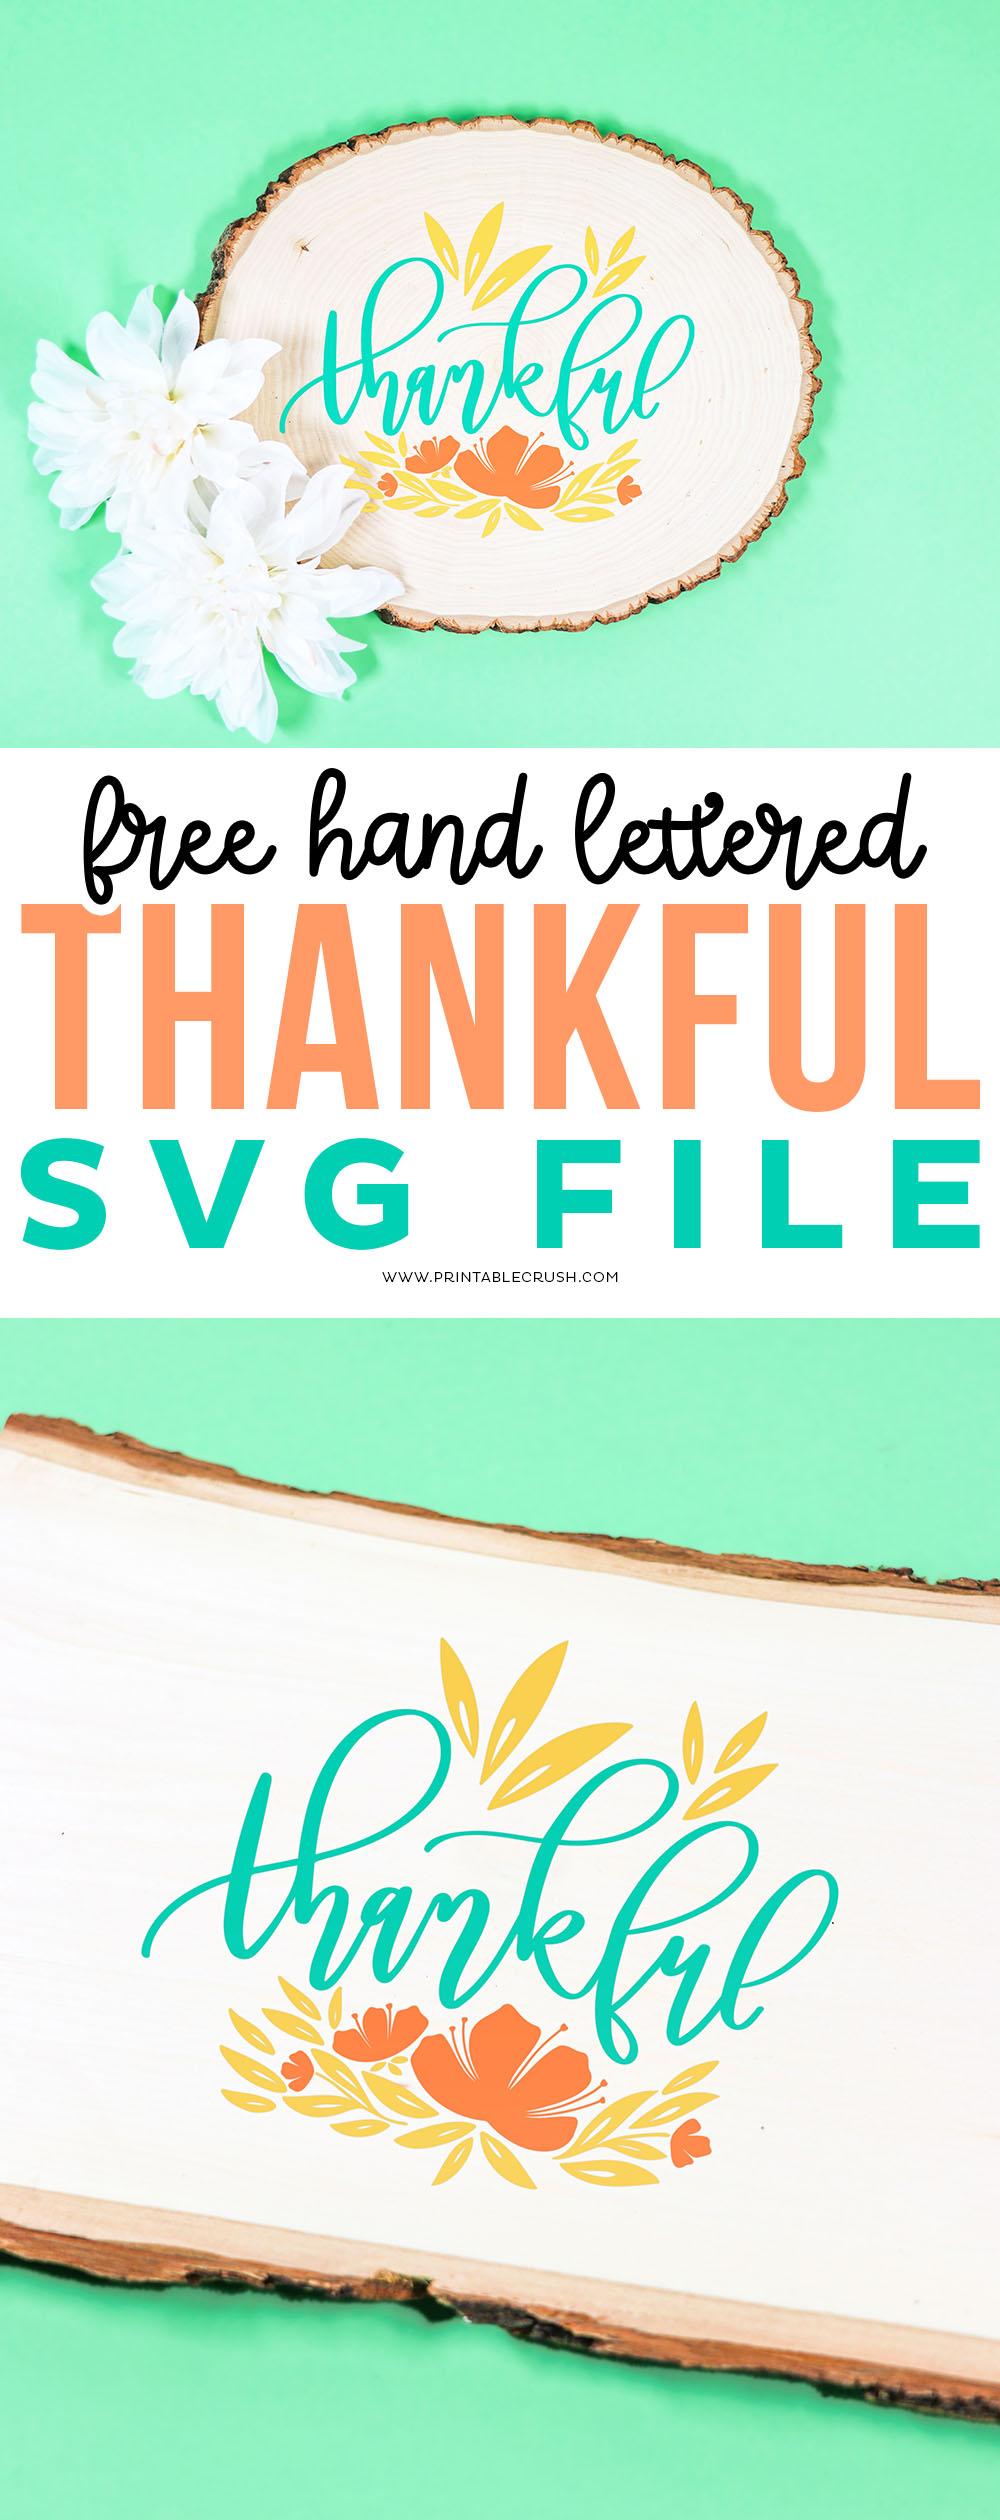 Free Thanksgiving SVG File - Thankful SVG File - Thankful Wood Sign - Printable Crush #printablecrush #freesvgfiles #svgfiles #thanksgiving #thanksgivinghomedecor #thanksgivingcrafts via @printablecrush